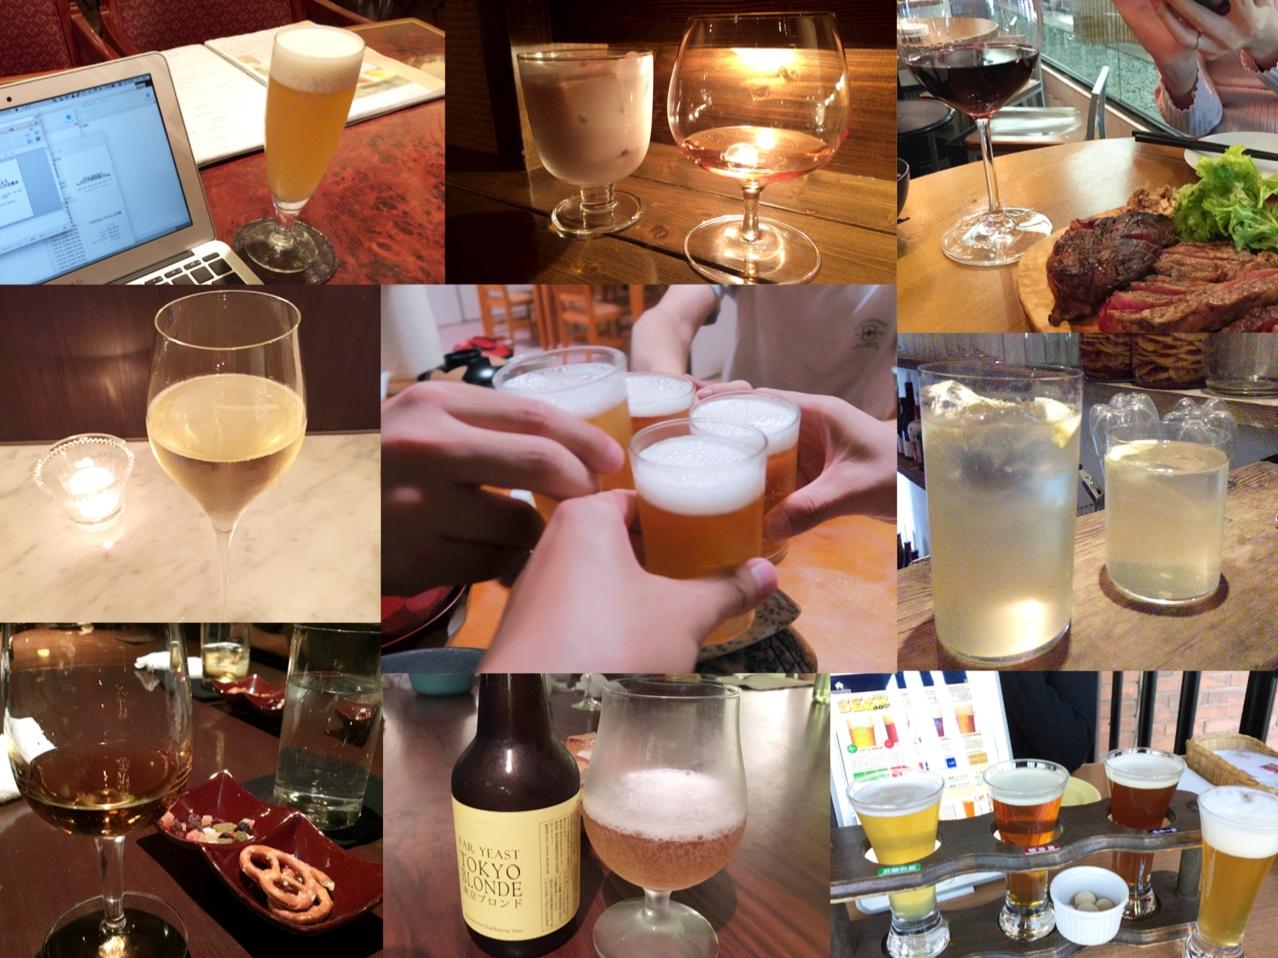 お酒のカロリーまとめ|糖尿病内科的に「日本酒より焼酎が太らない」は本当か?